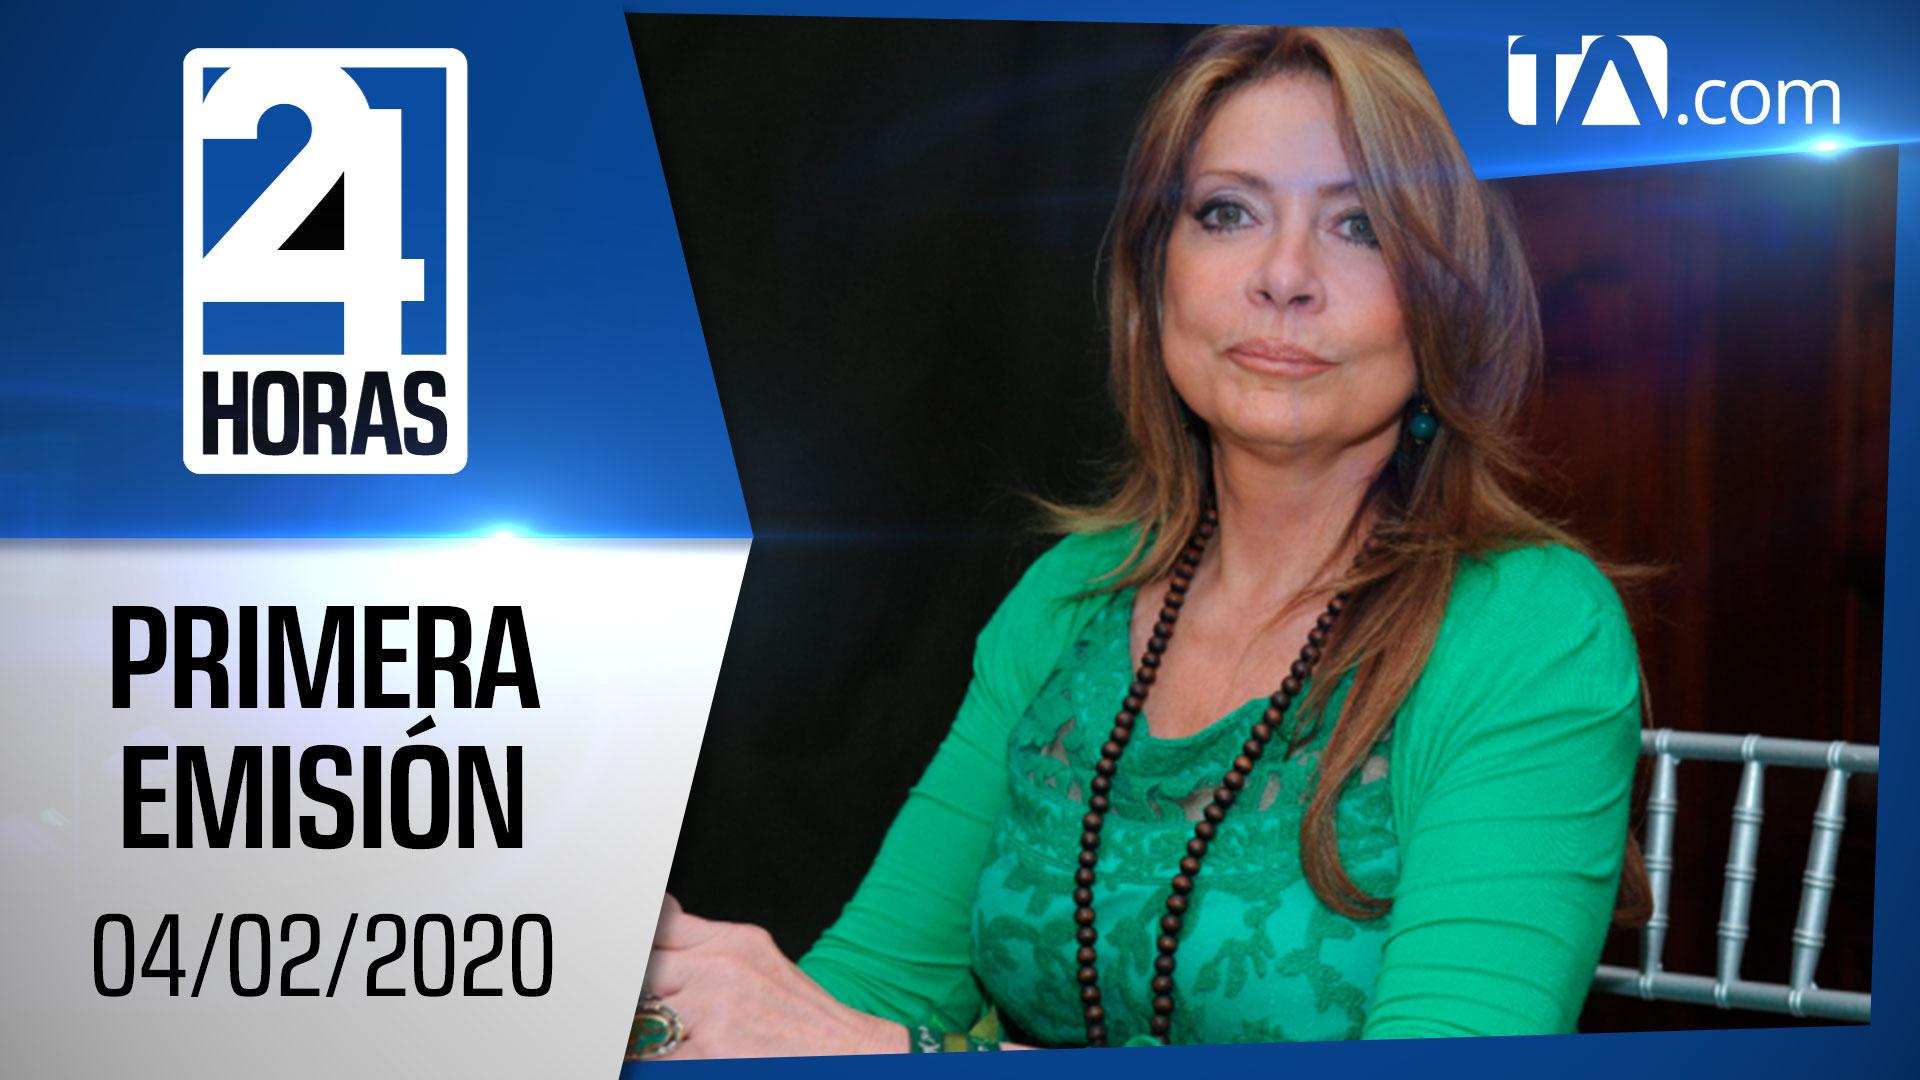 Noticias Ecuador: Noticiero 24 Horas 04/02/2020 (Primera Emisión)